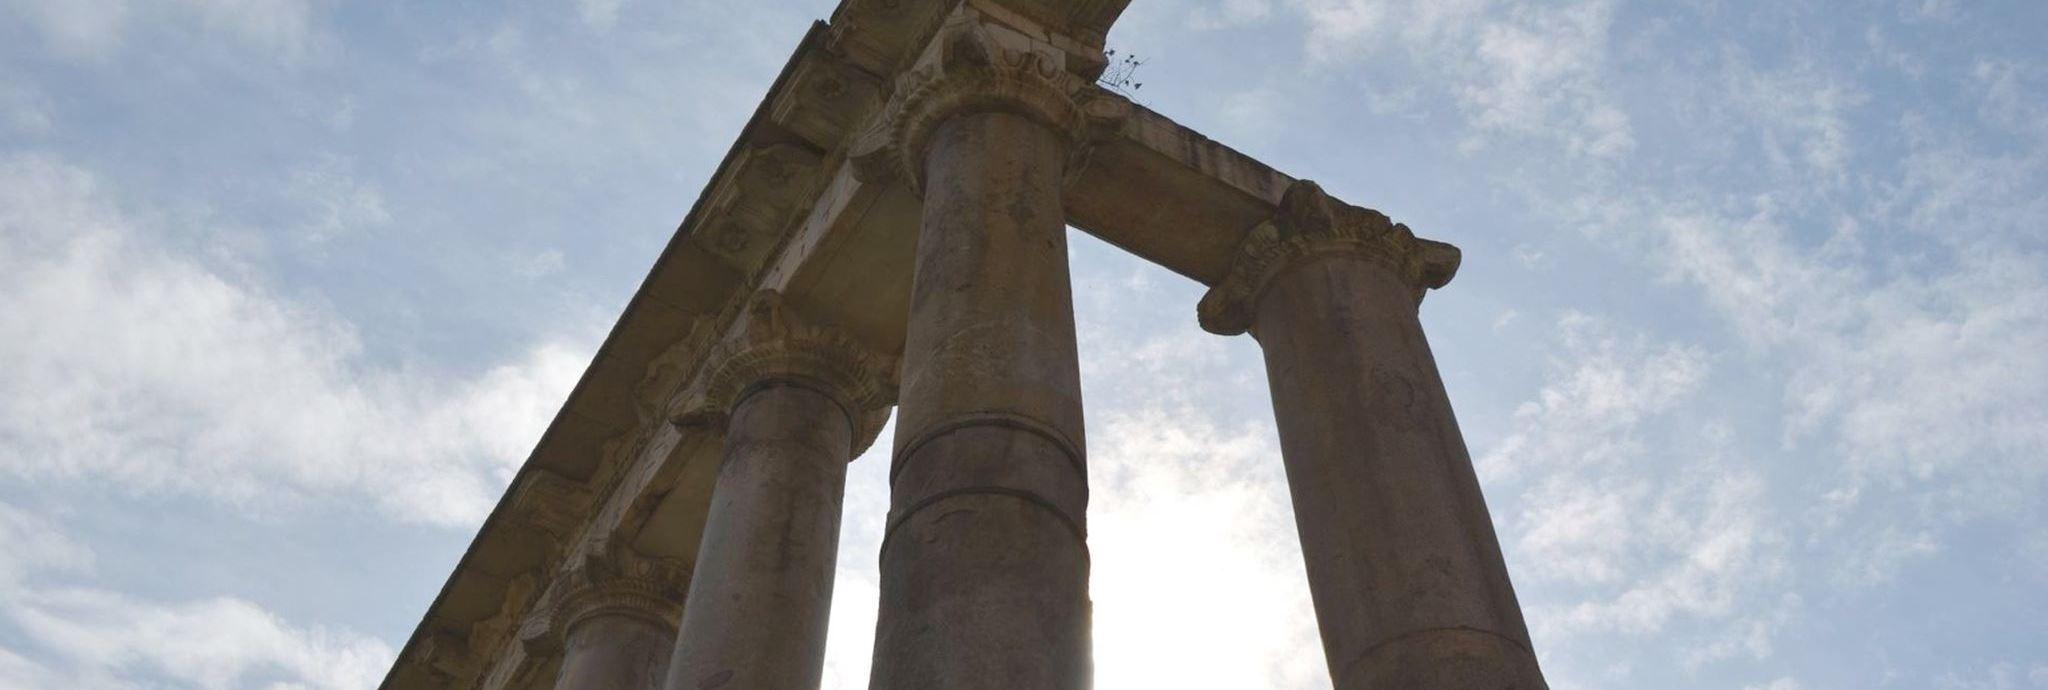 Blog zu Archäologie und Kulturvermittlung